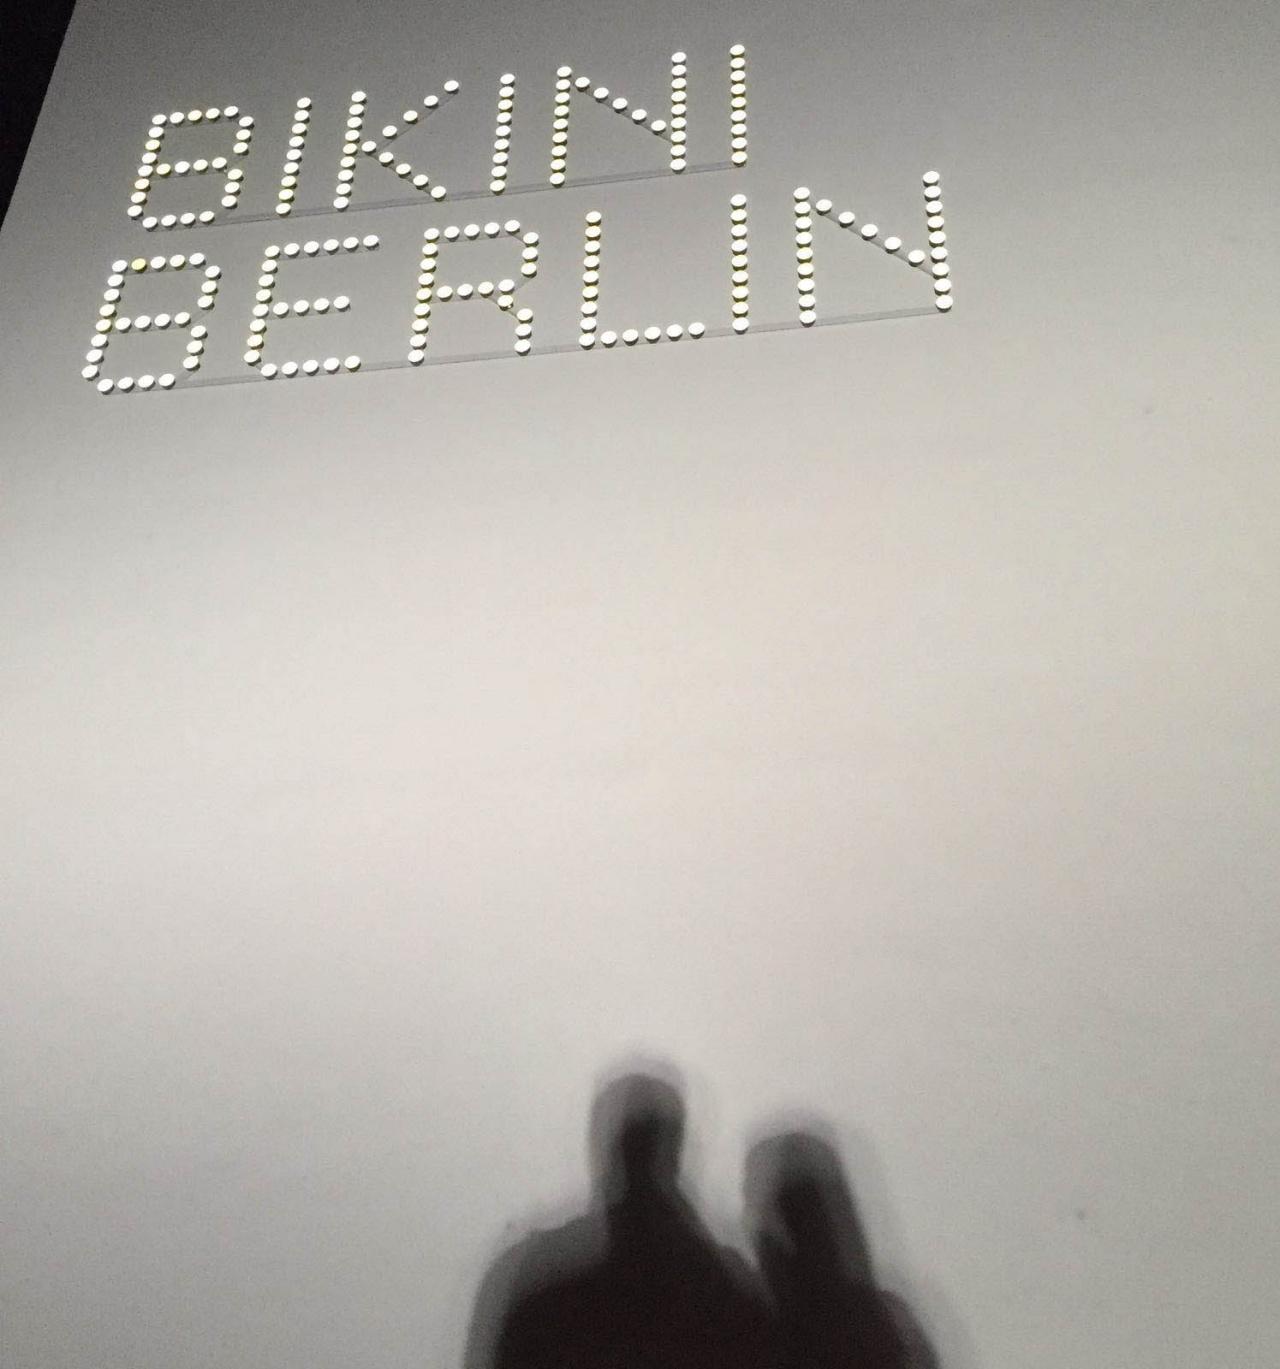 berlin-najsattityd